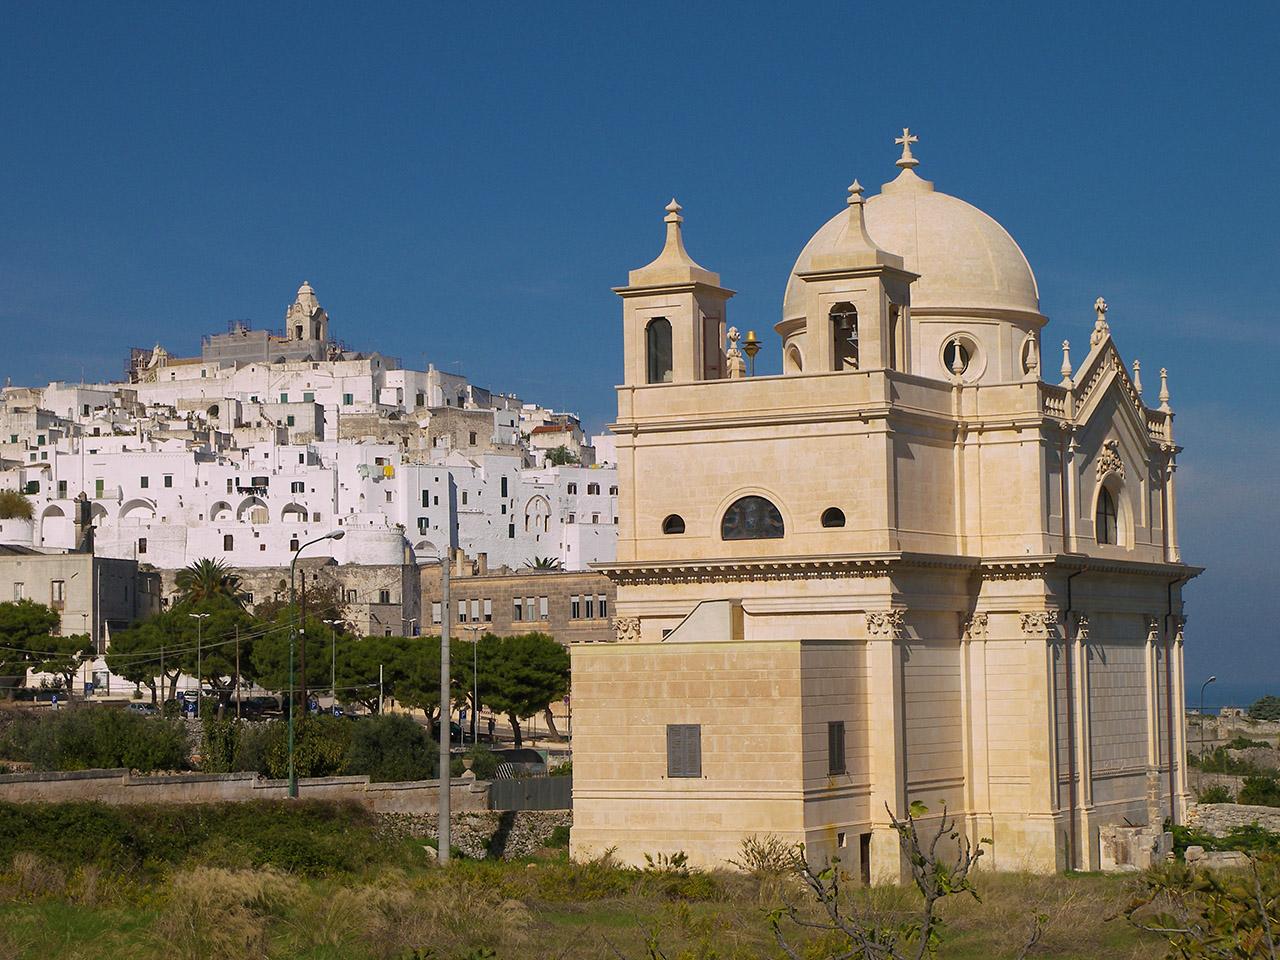 costruzioni restauri sirio ostuni chiesa madonna della grata ostuni 100 0747 1